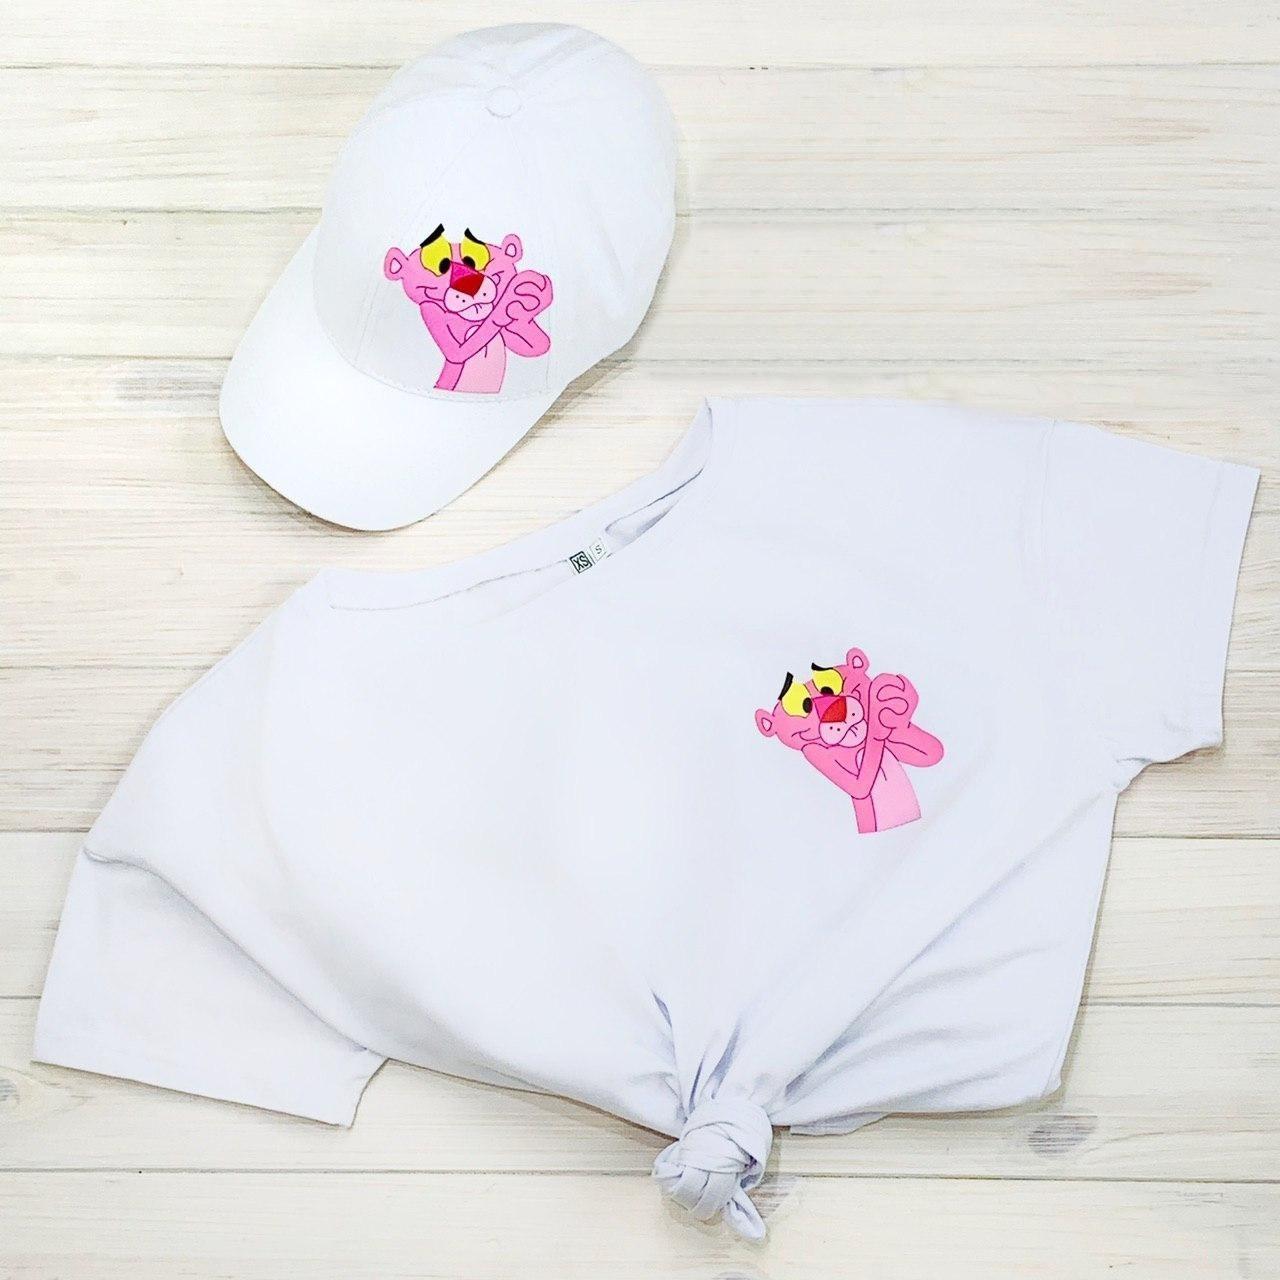 Женская Футболка, кепка с принтом Pink Panther розовая пантера белая